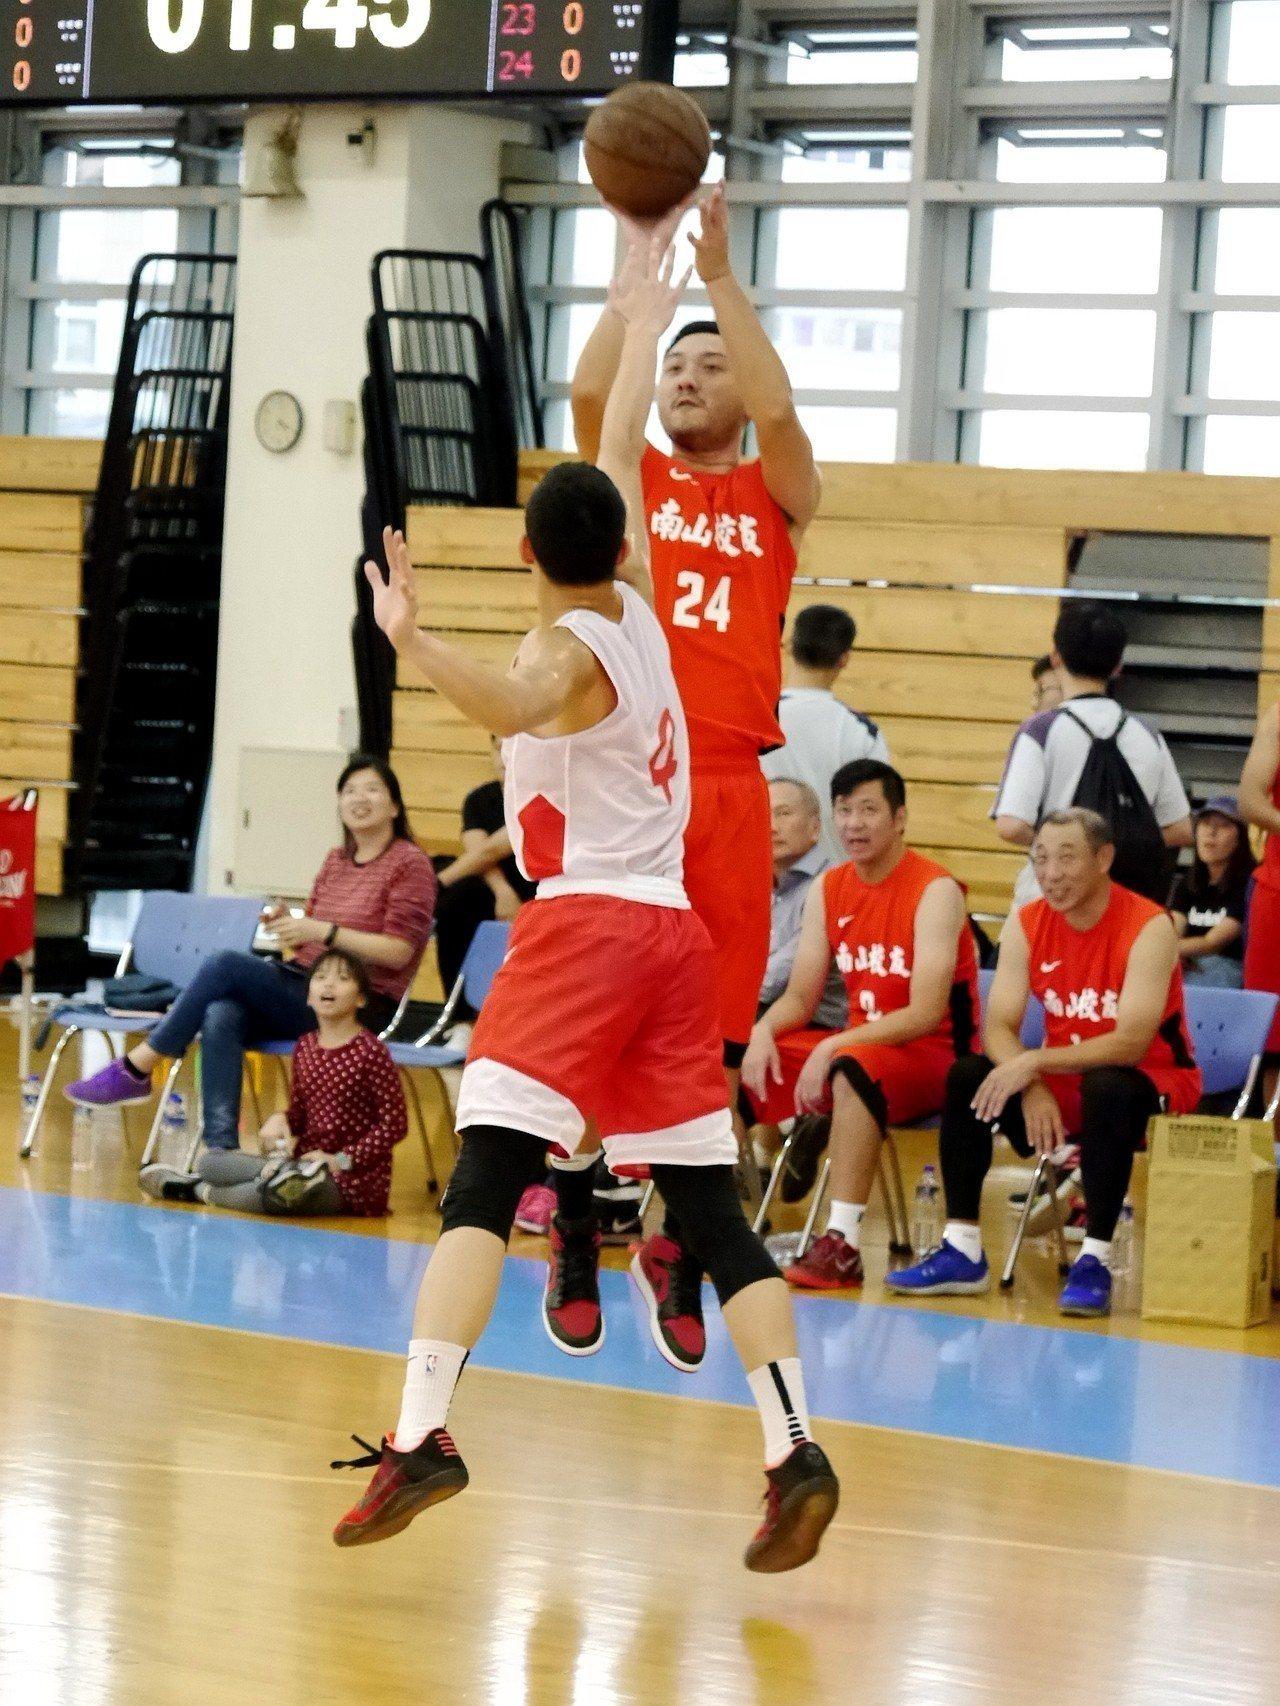 林冠綸在校友表演賽中展現神射。記者劉肇育/攝影